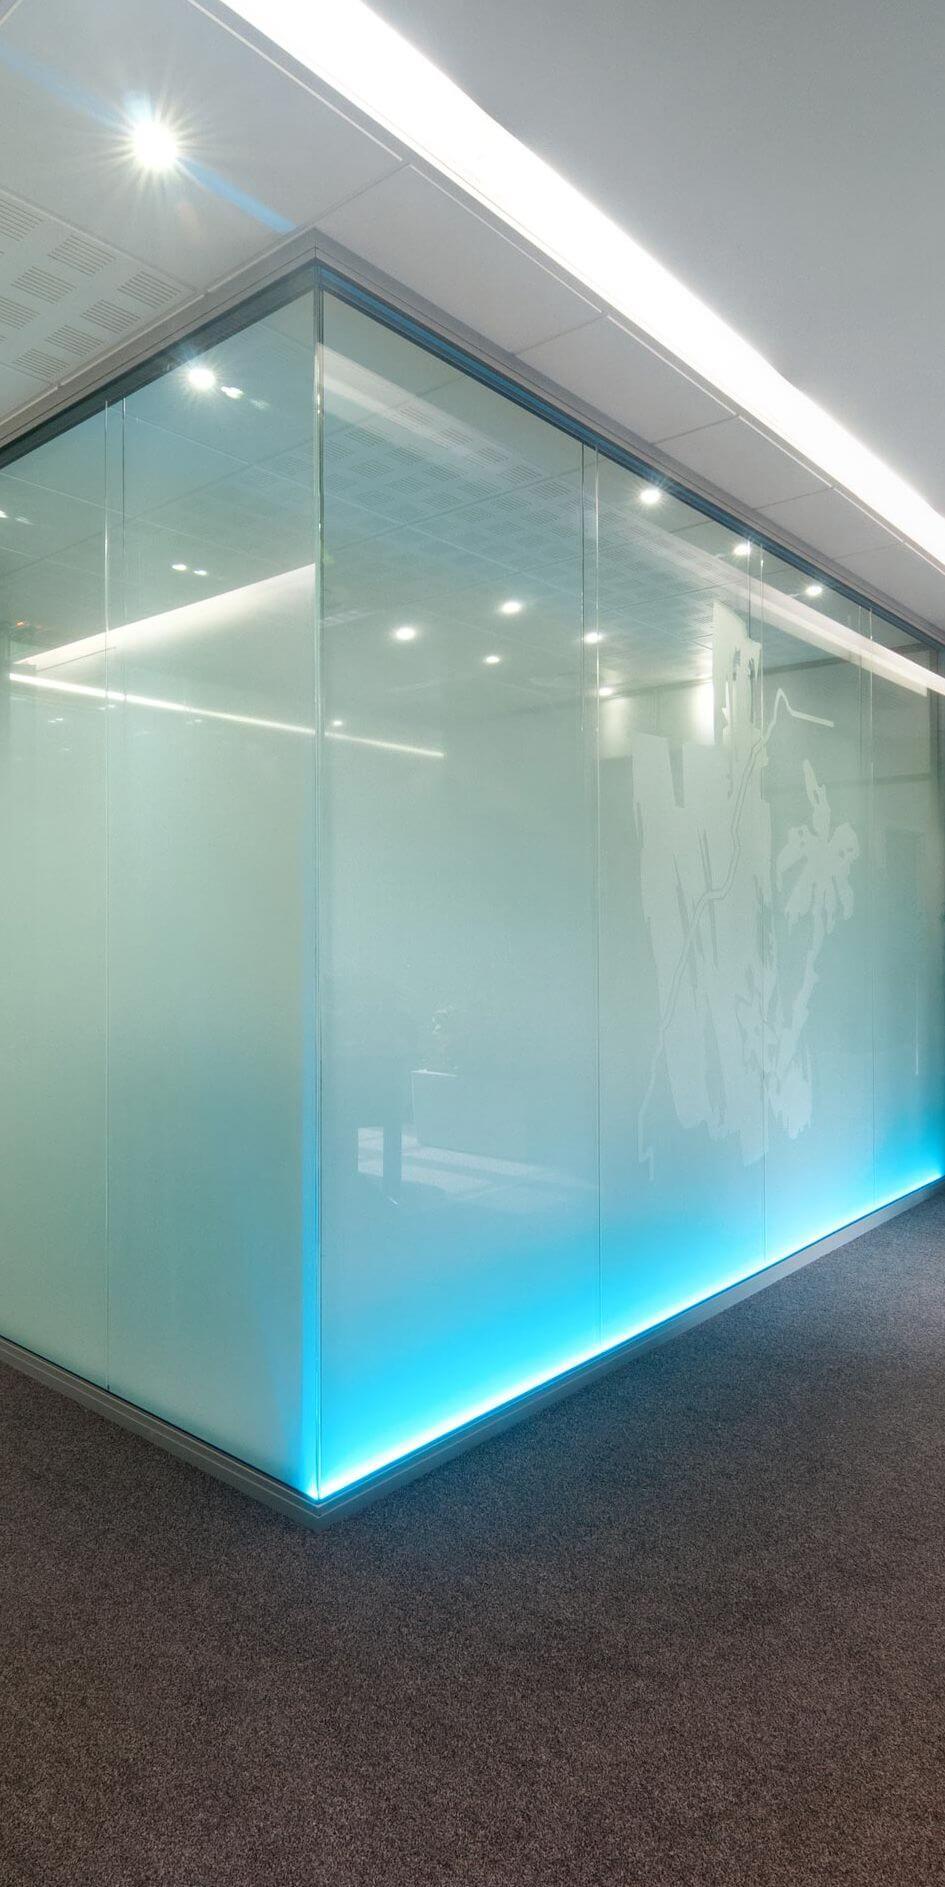 Cloison amovible vitrée avec vitrophanie et rétro-éclairage